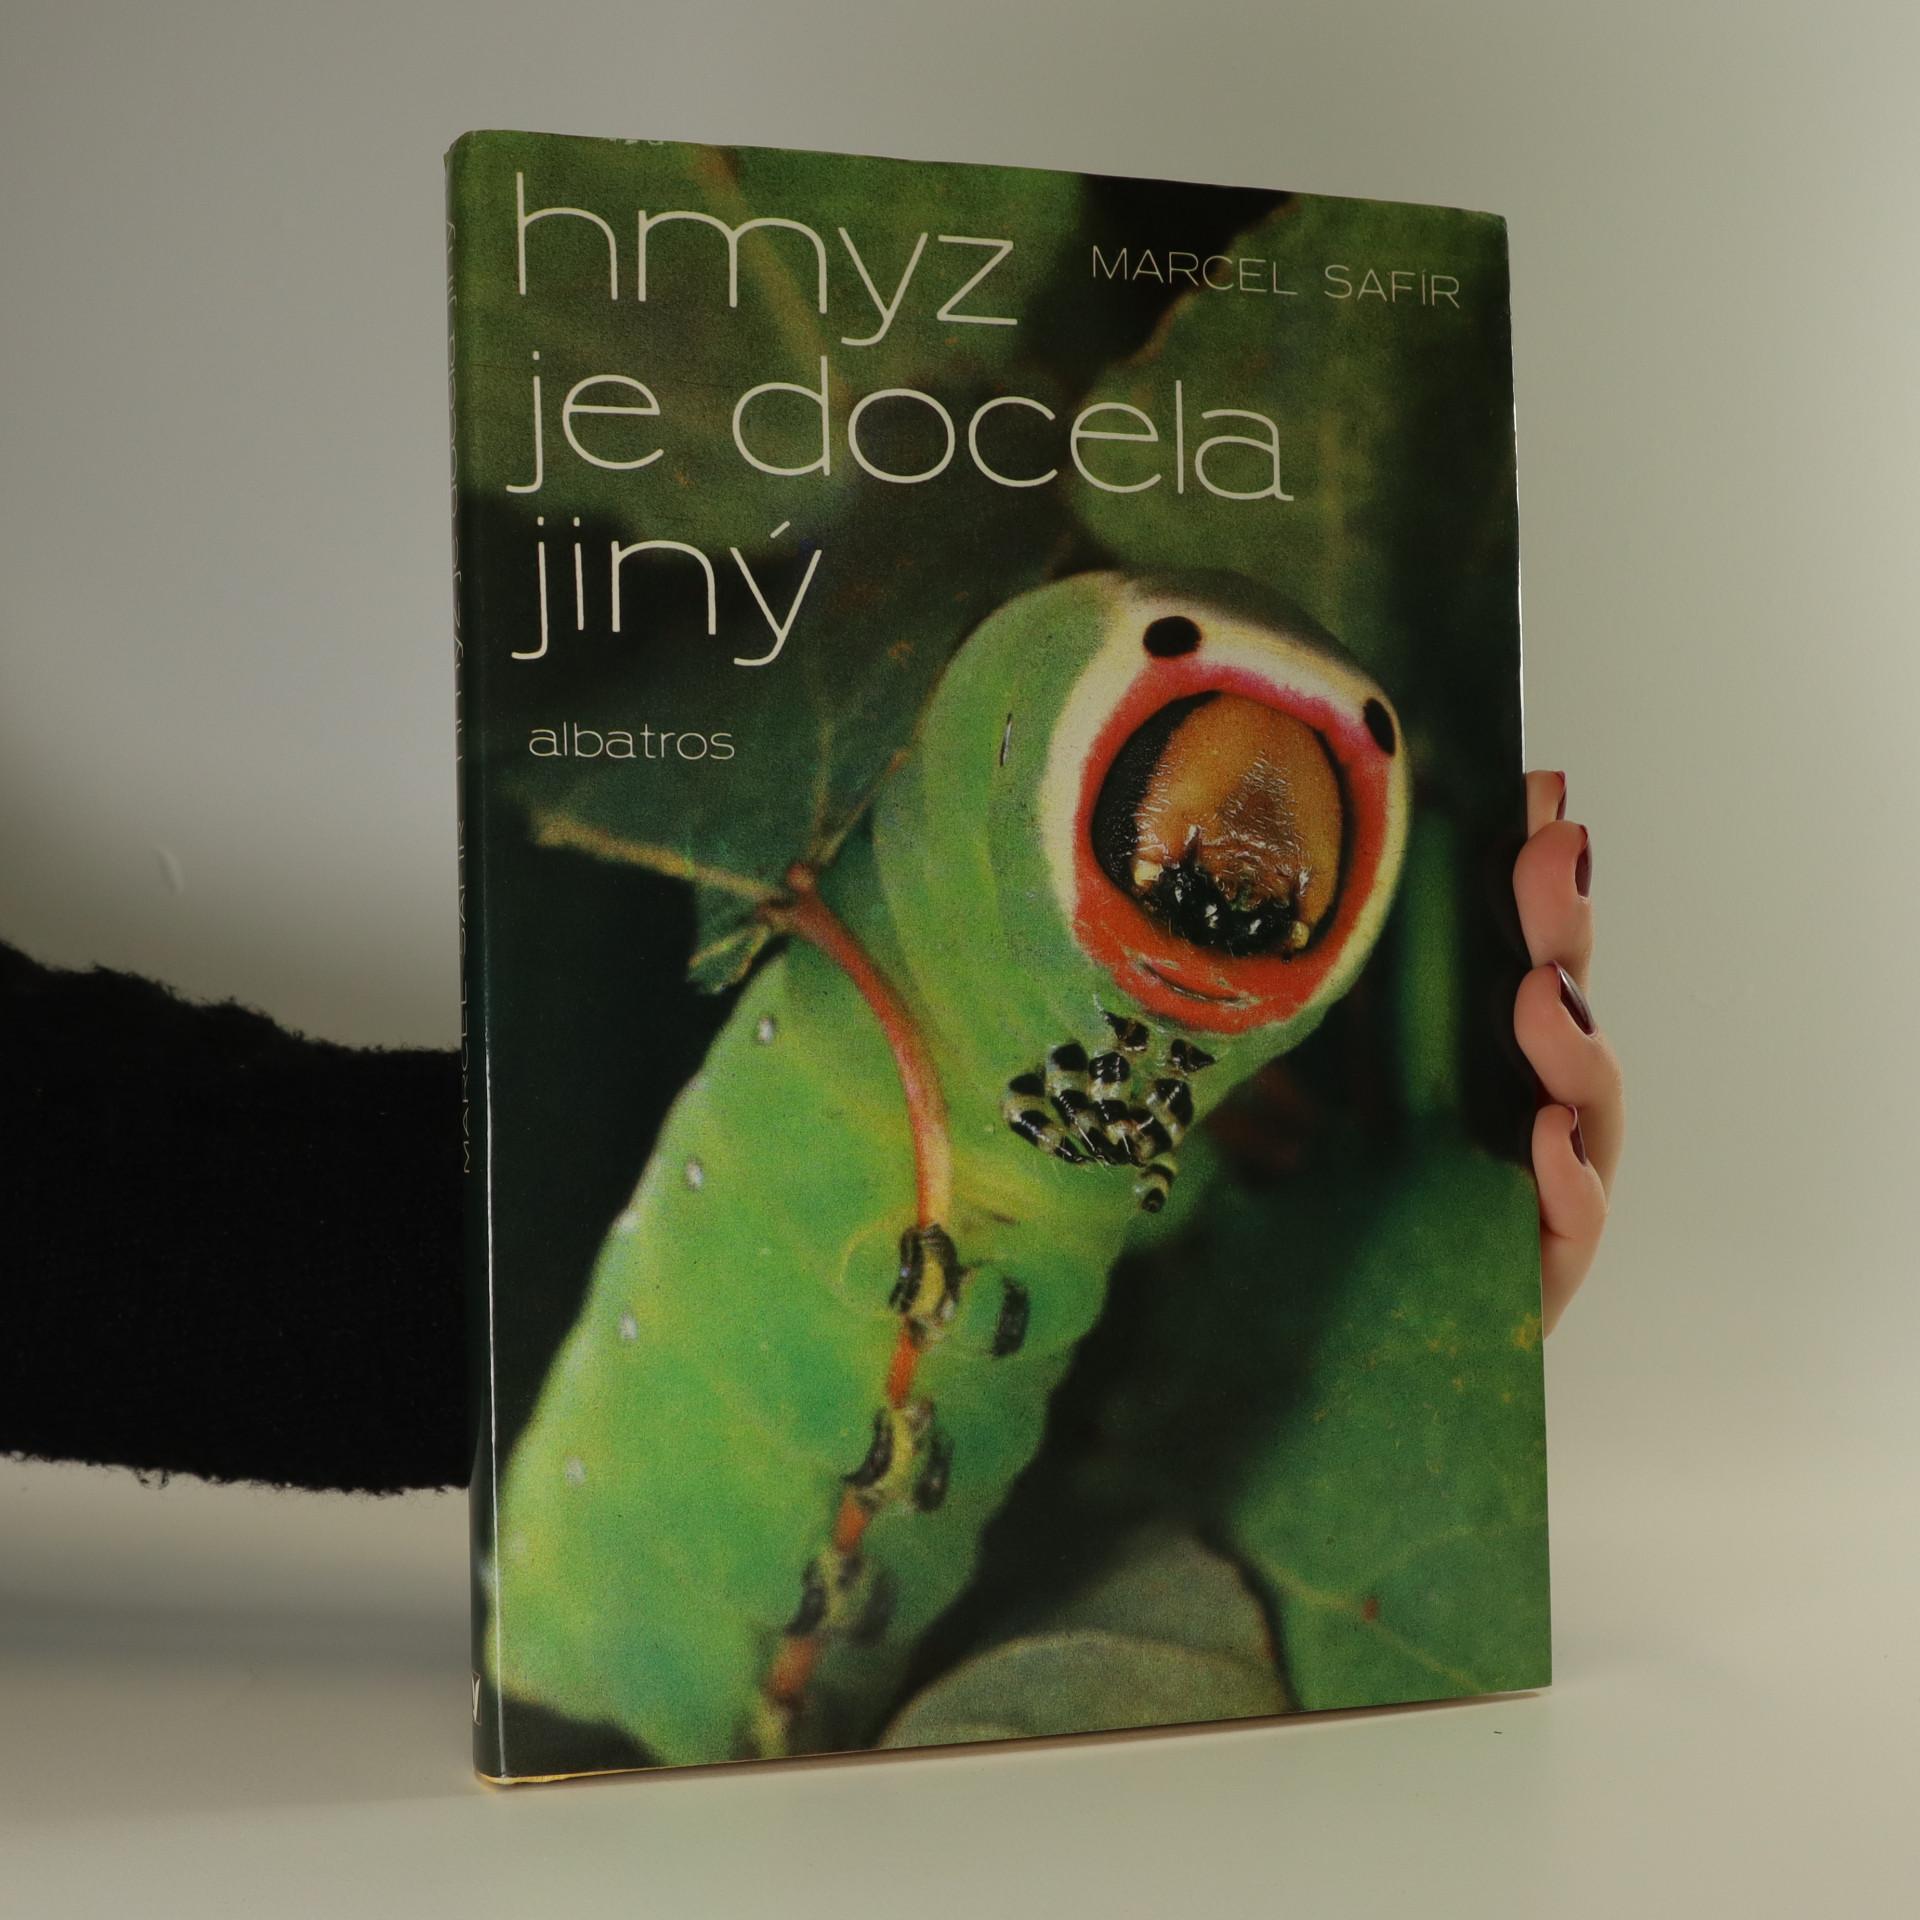 antikvární kniha Hmyz je docela jiný, 1986